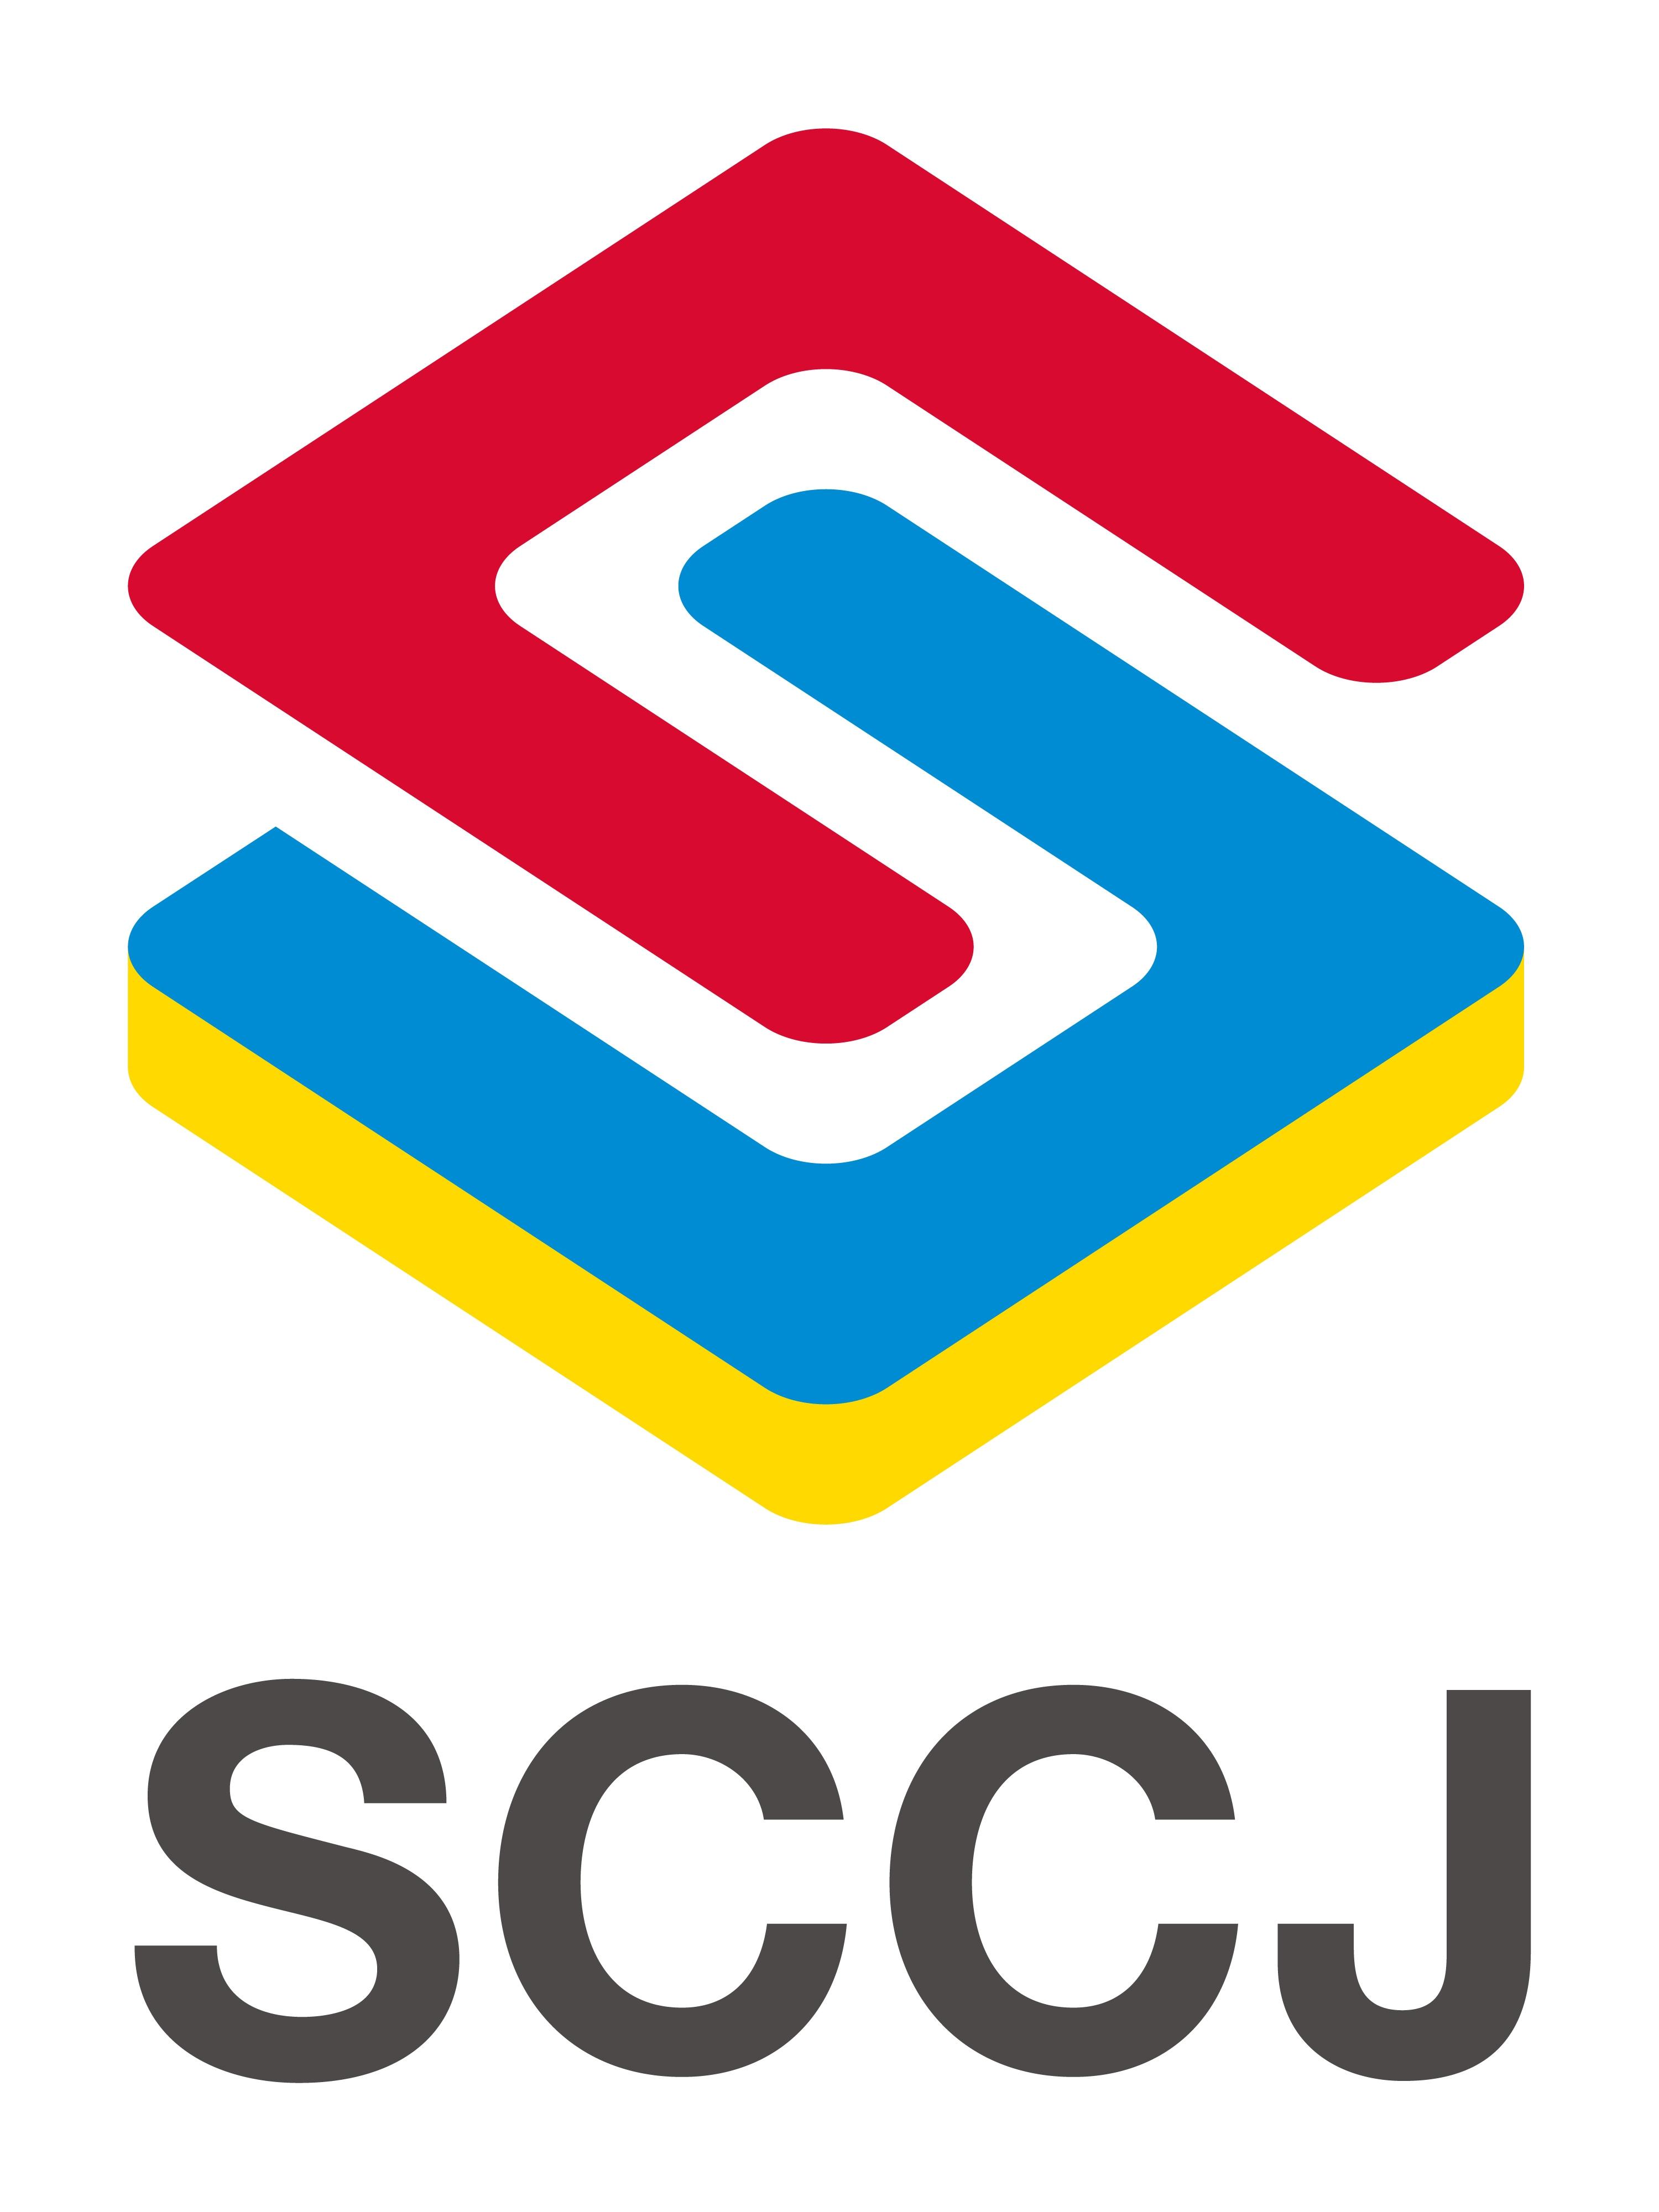 ロゴ: SSCJ( The Swedish Chamber of Commerce and Industry in Japan )スウェーデン商工会議所